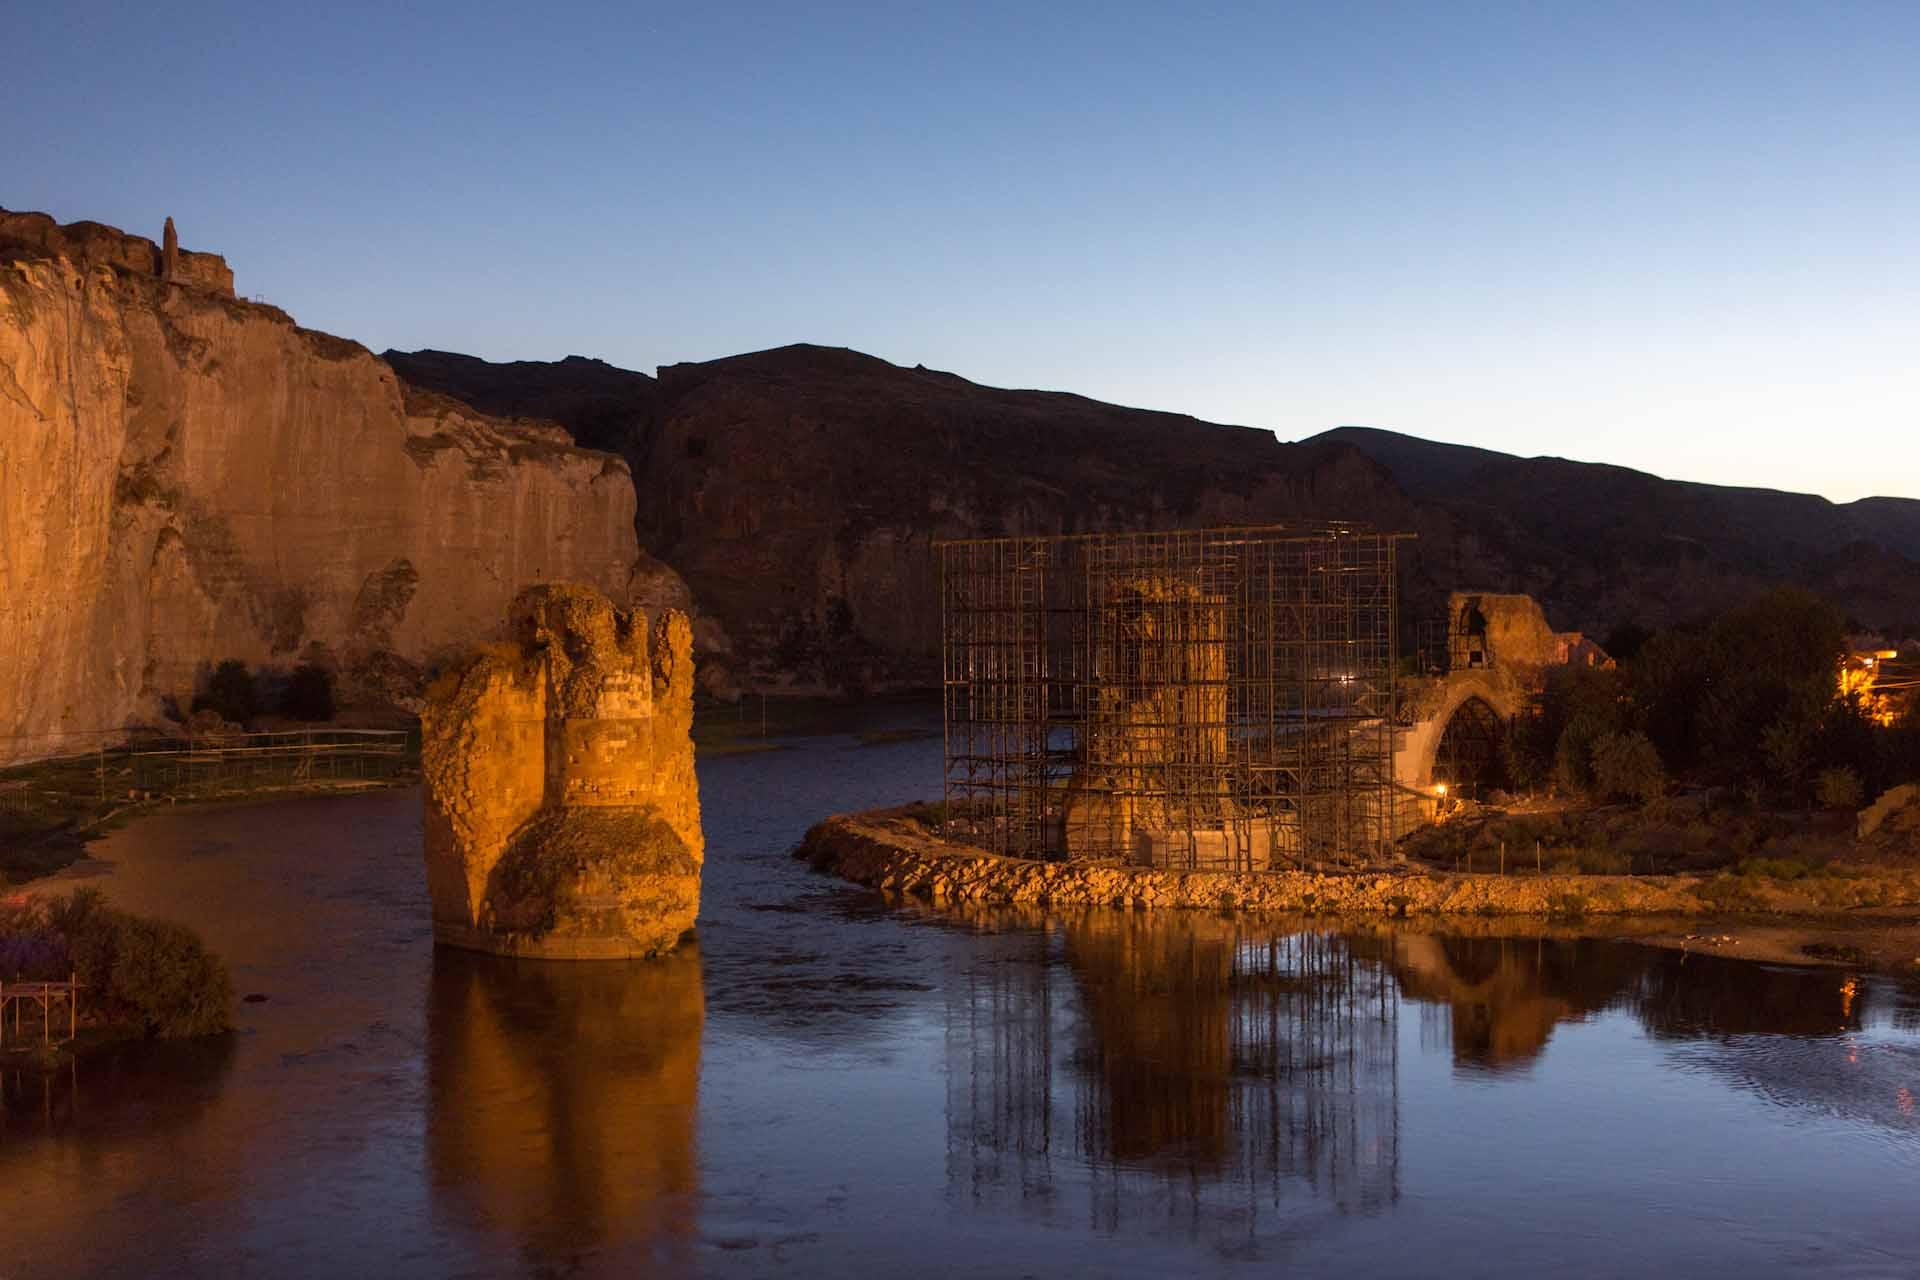 Die Pfeiler der alten byzantinischen Steinbrücke stehen wie verfaulte Zähne im Flussbett des Tigris...